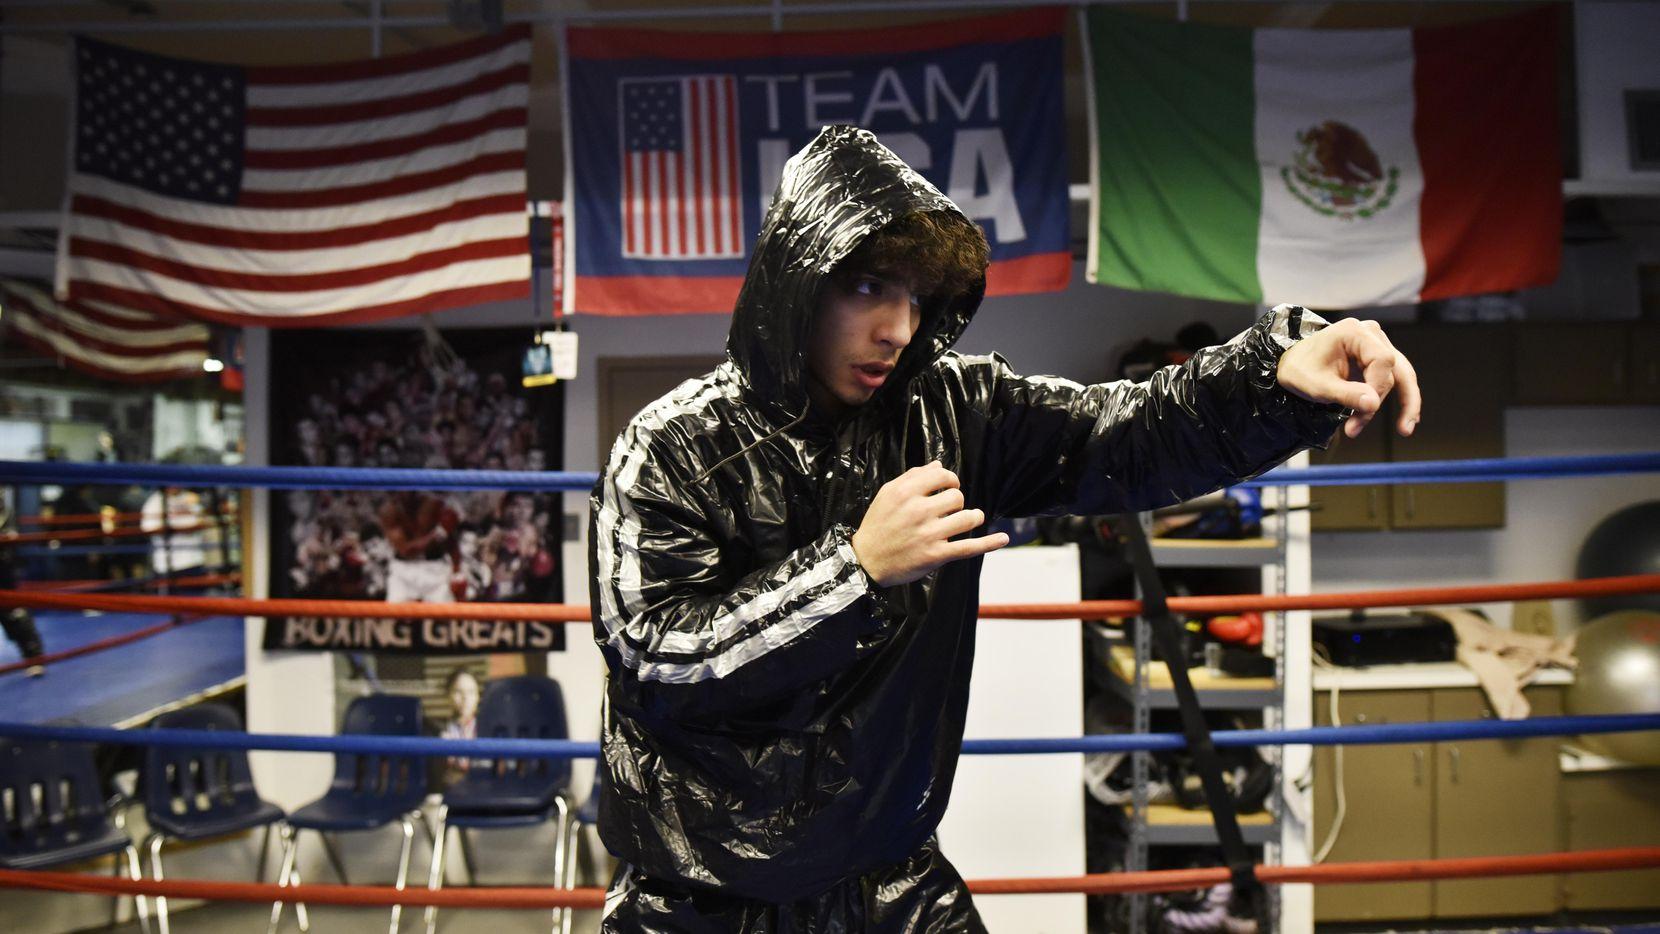 Jaycob Ramos es uno de los boxeadores de Dallas que buscará su pase a los Golden Gloves of America. Foto Ben Torres para Al Día